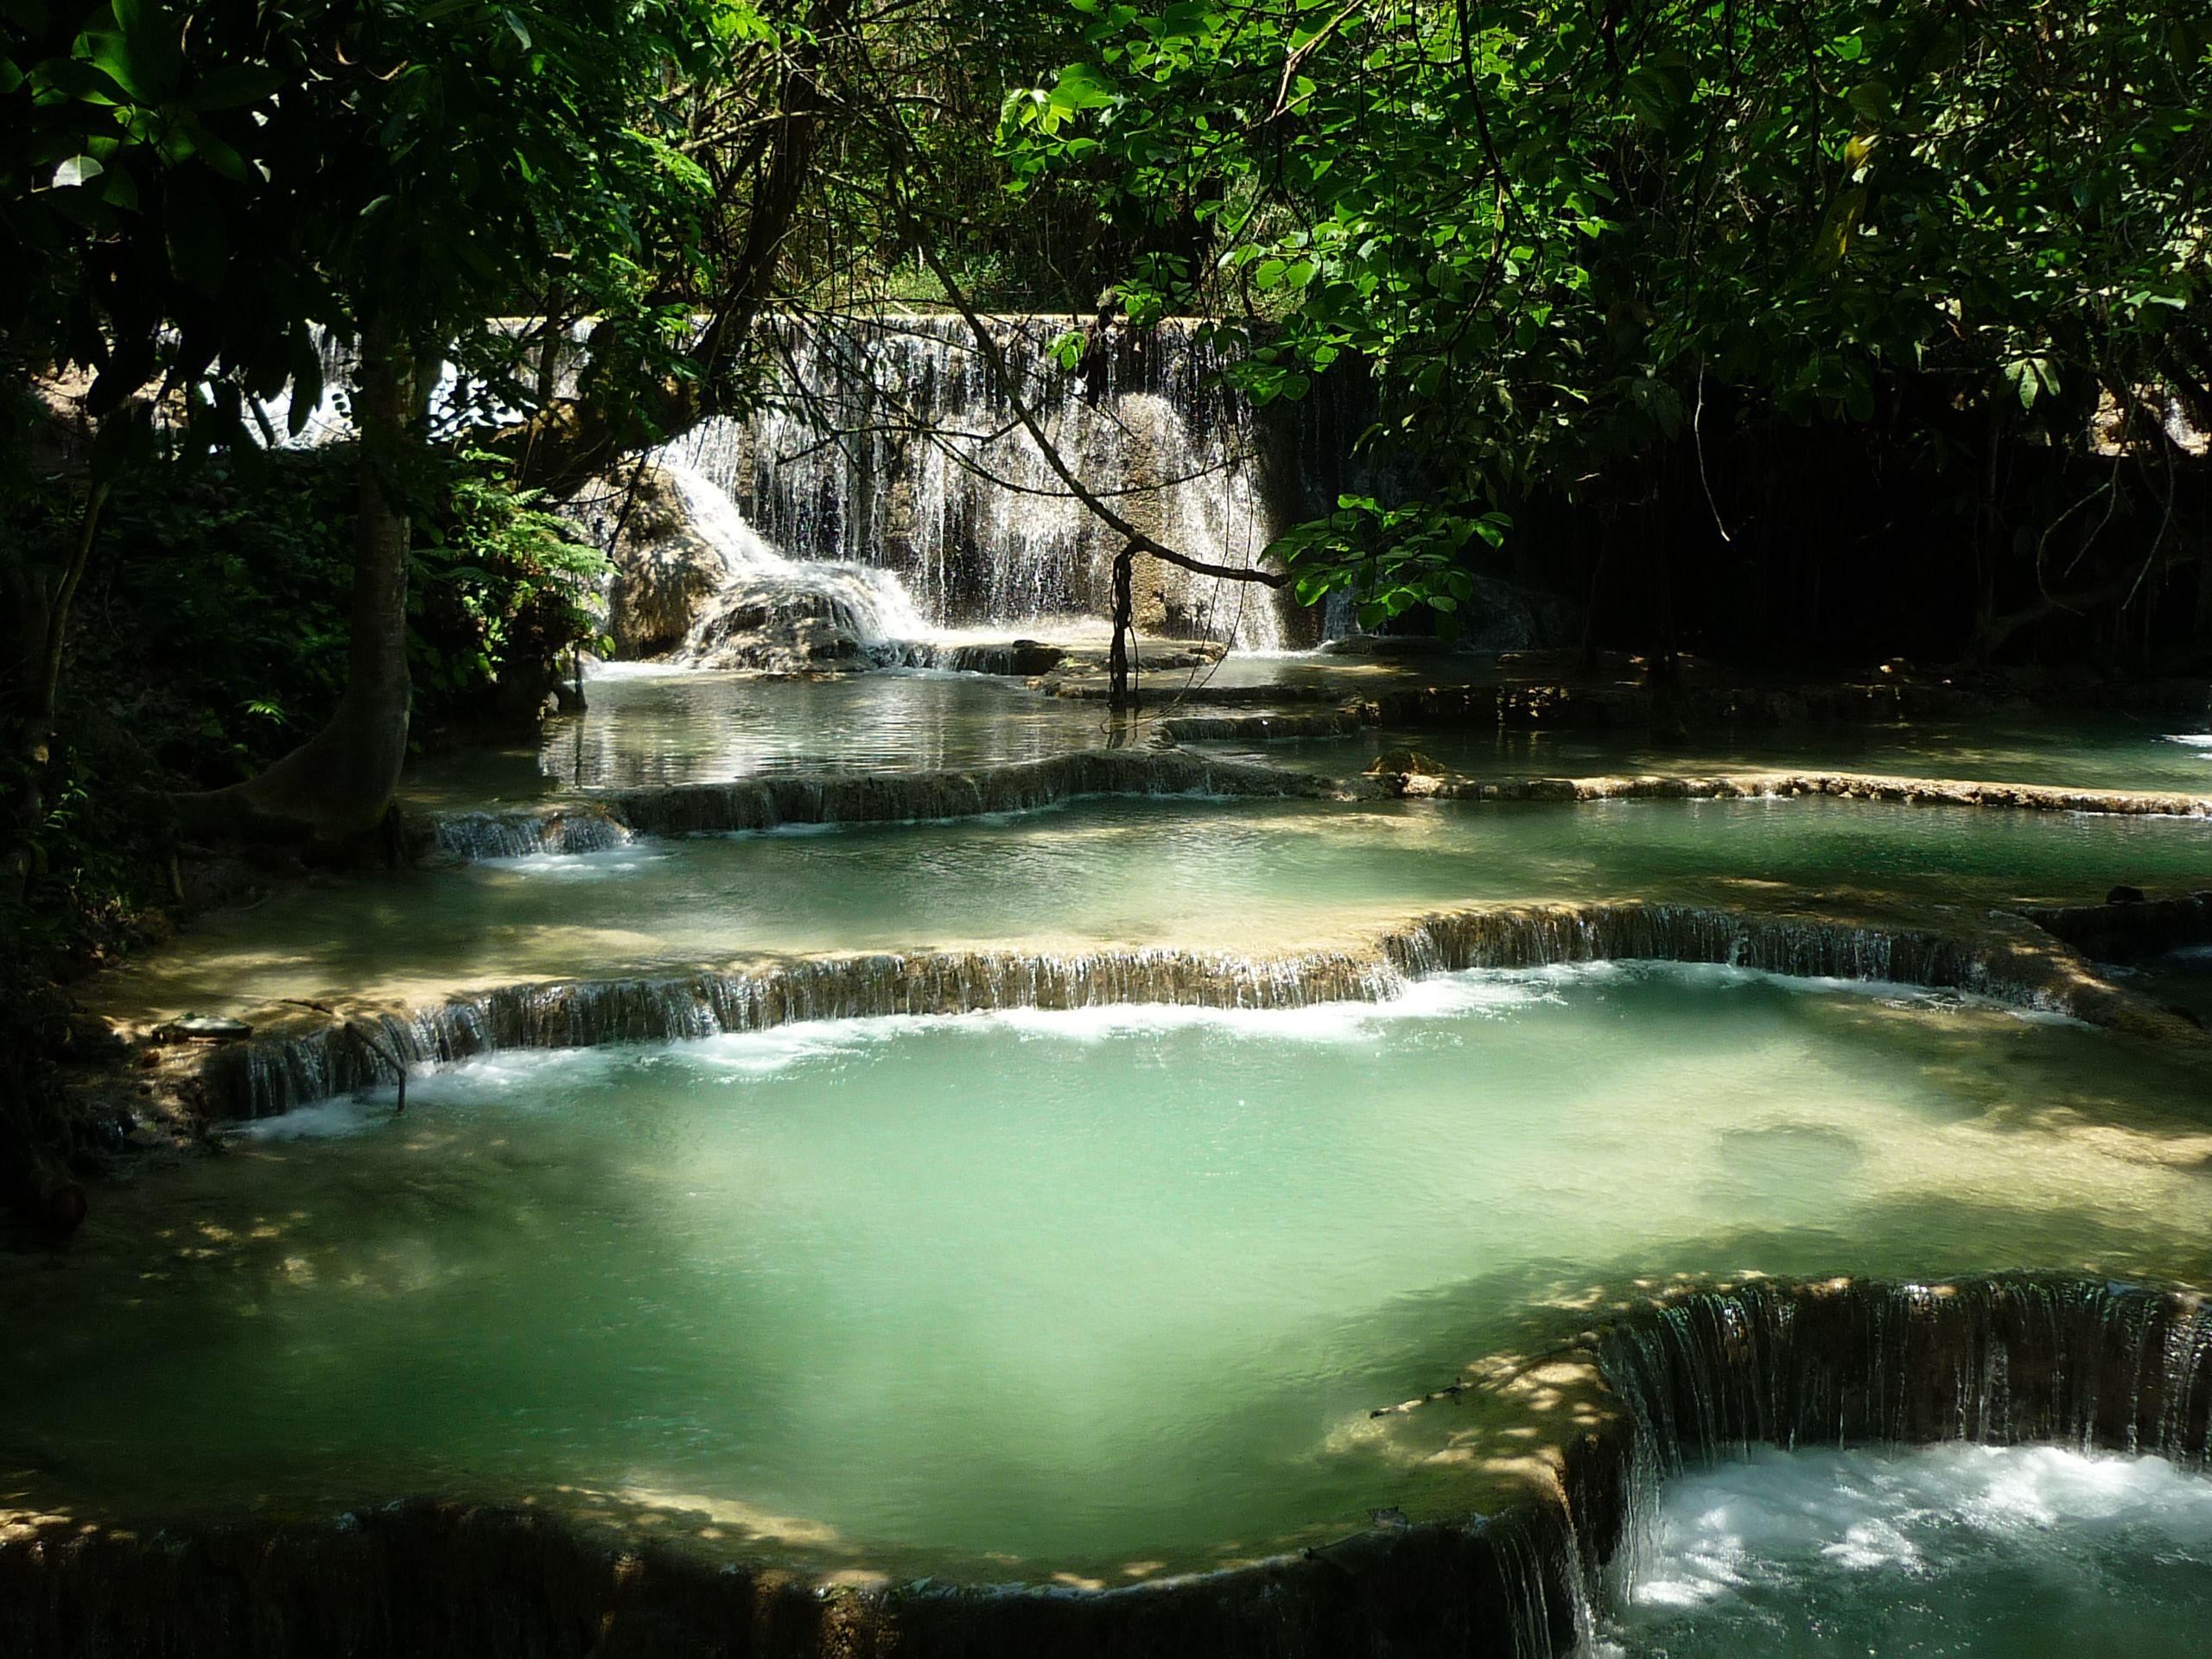 Luang Prabang Waterfalls, Laos